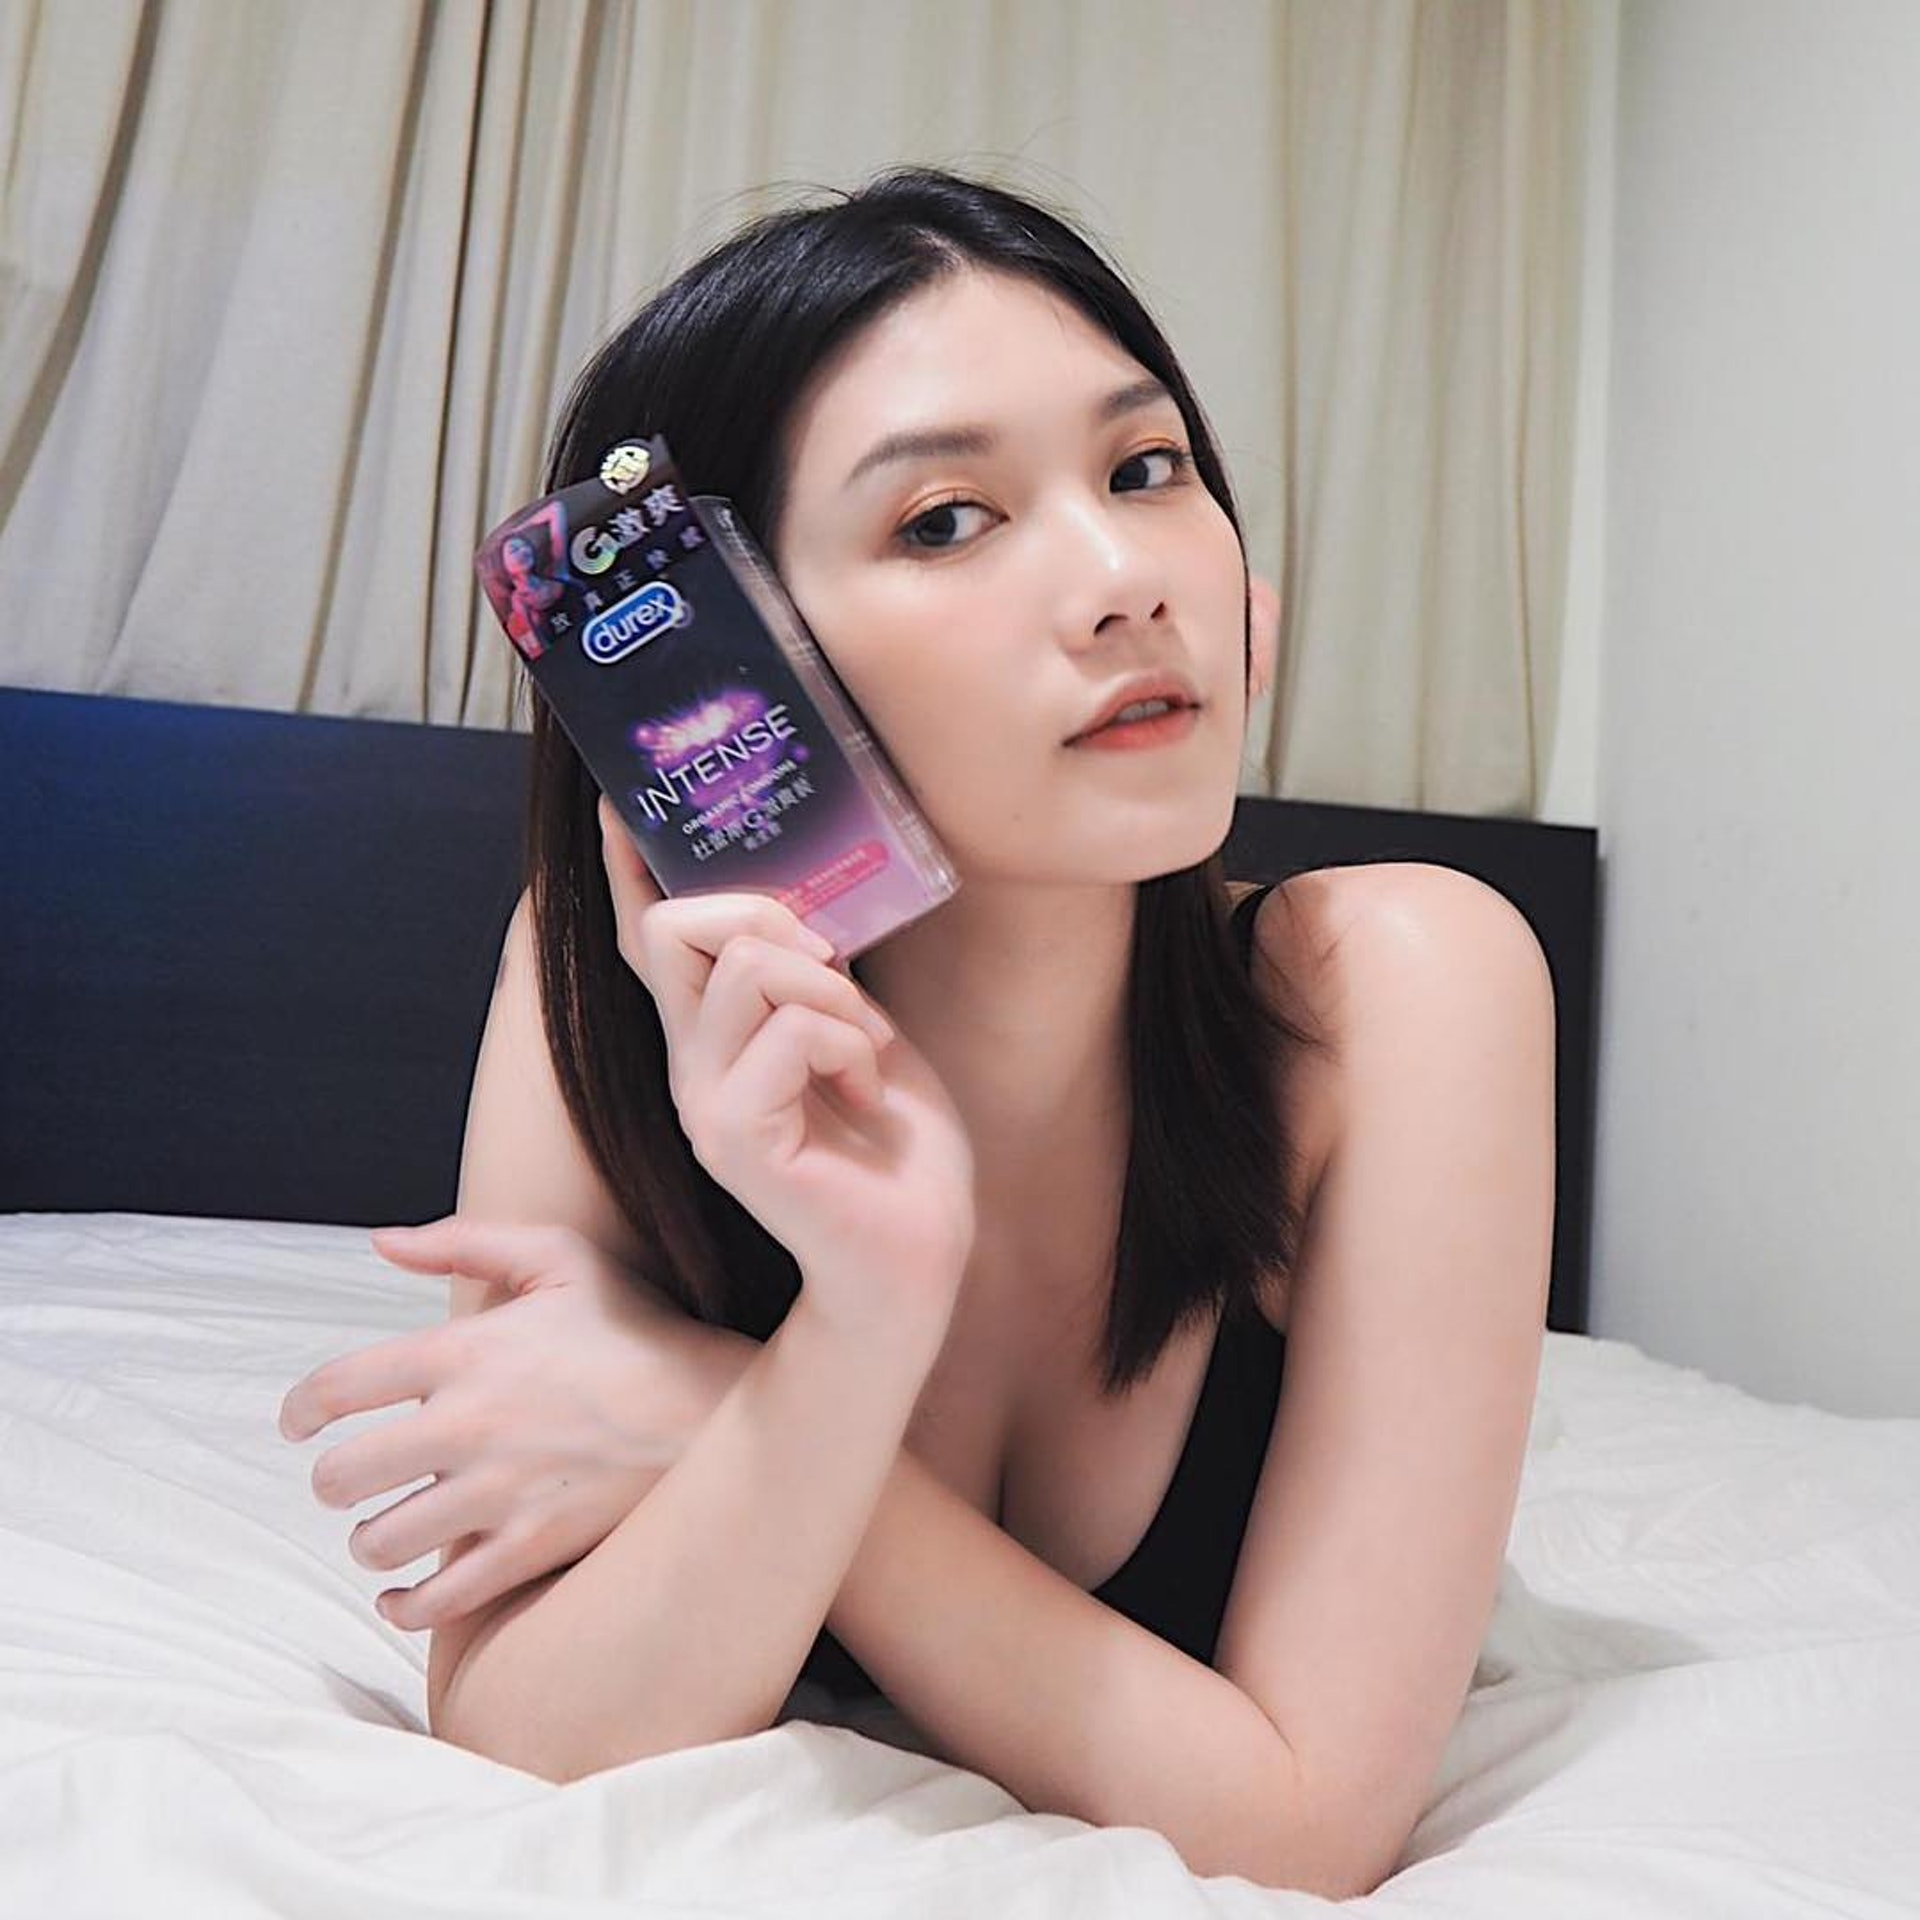 沙律曾任避孕套品牌代言人。(Instagram)